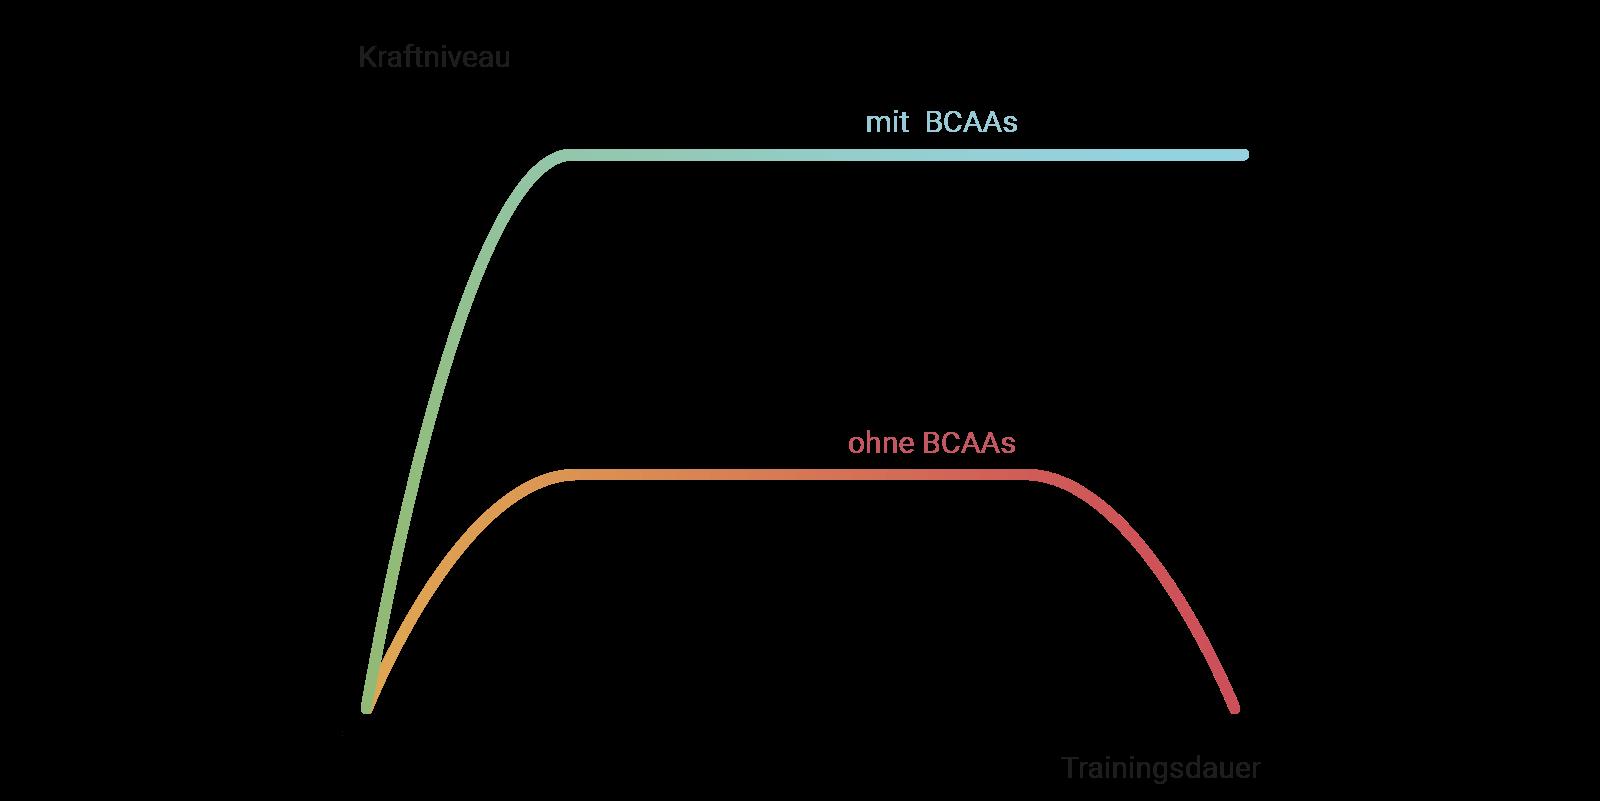 Diagramm Leistung mit und ohne BCAA